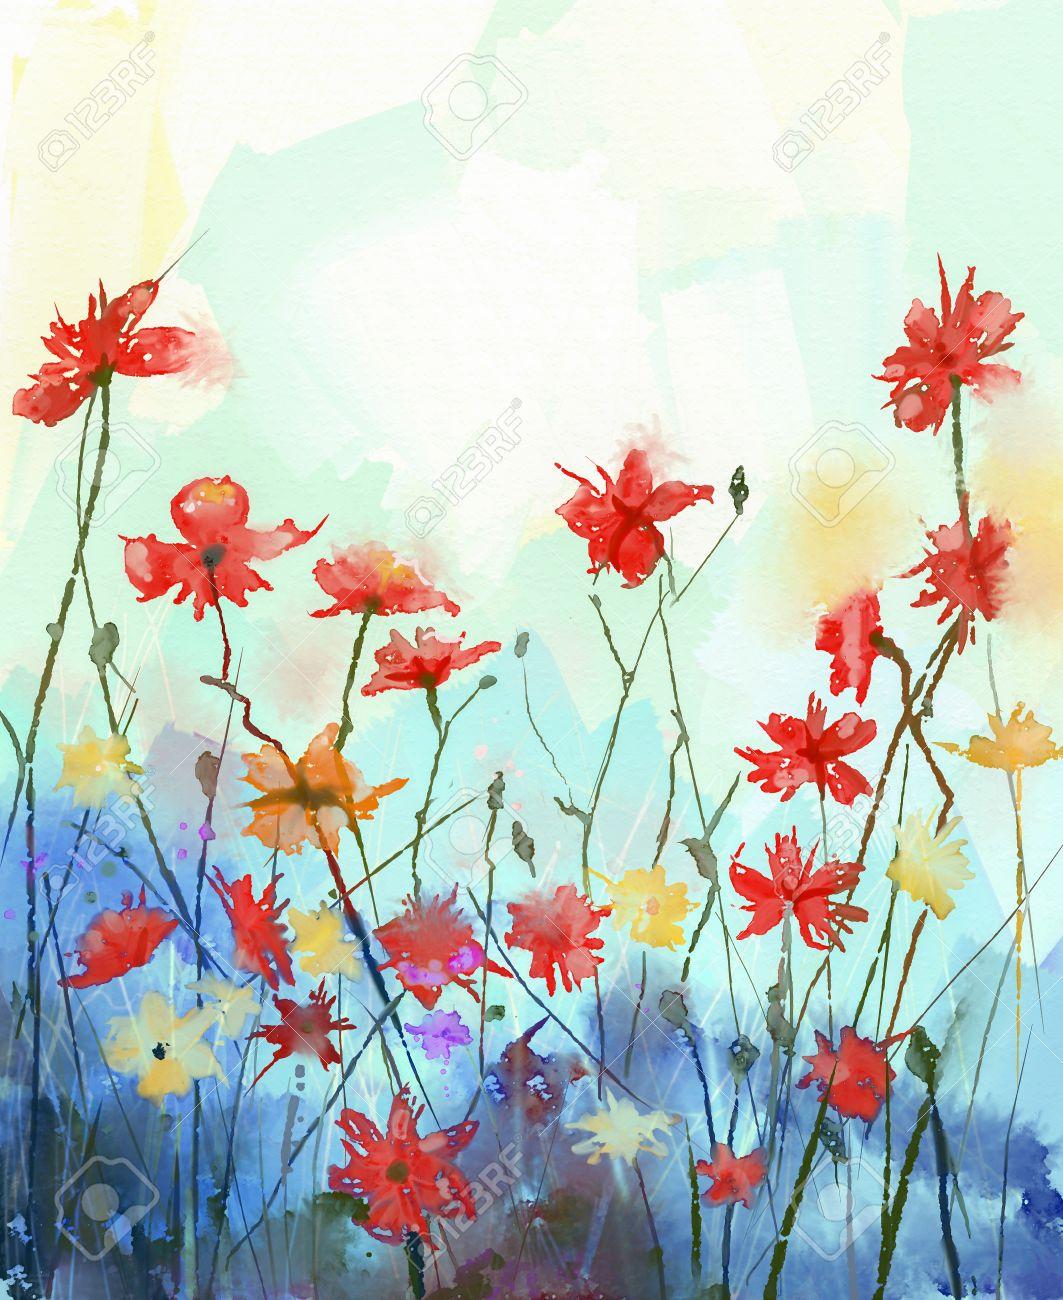 acuarela florece la pintura en el color y la falta de definicin de estilo suave flores